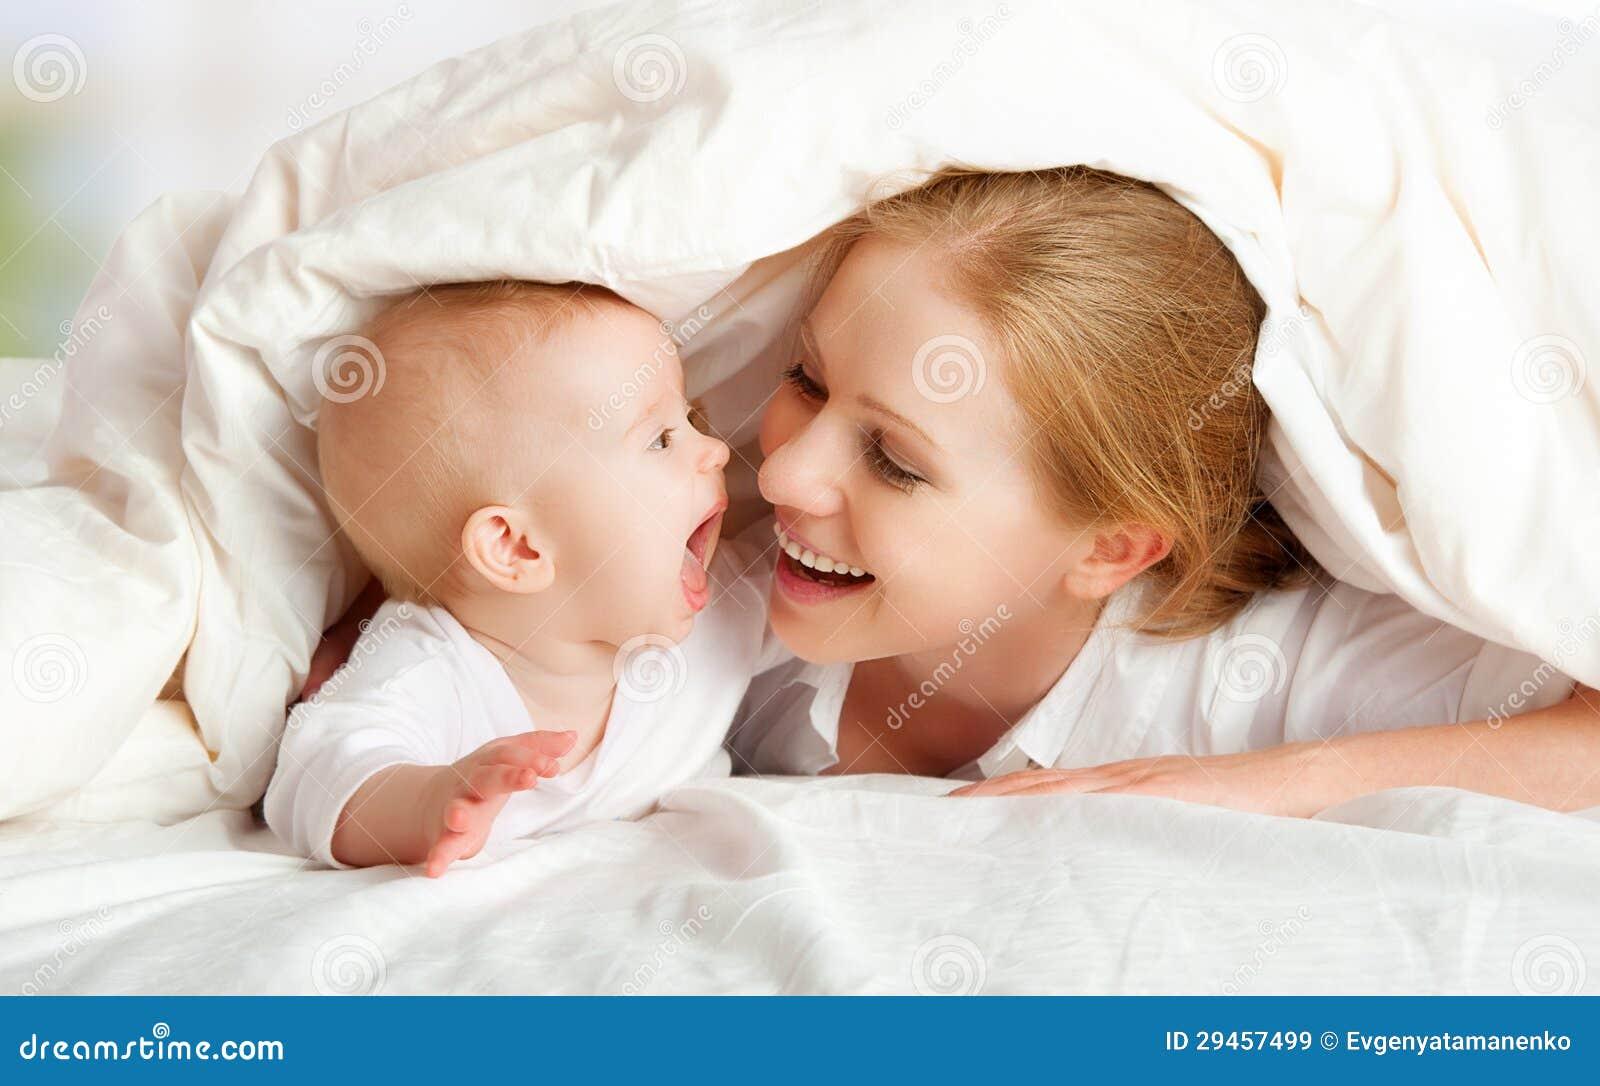 Ευτυχής οικογένεια. Παιχνίδι μητέρων και μωρών κάτω από το κάλυμμα